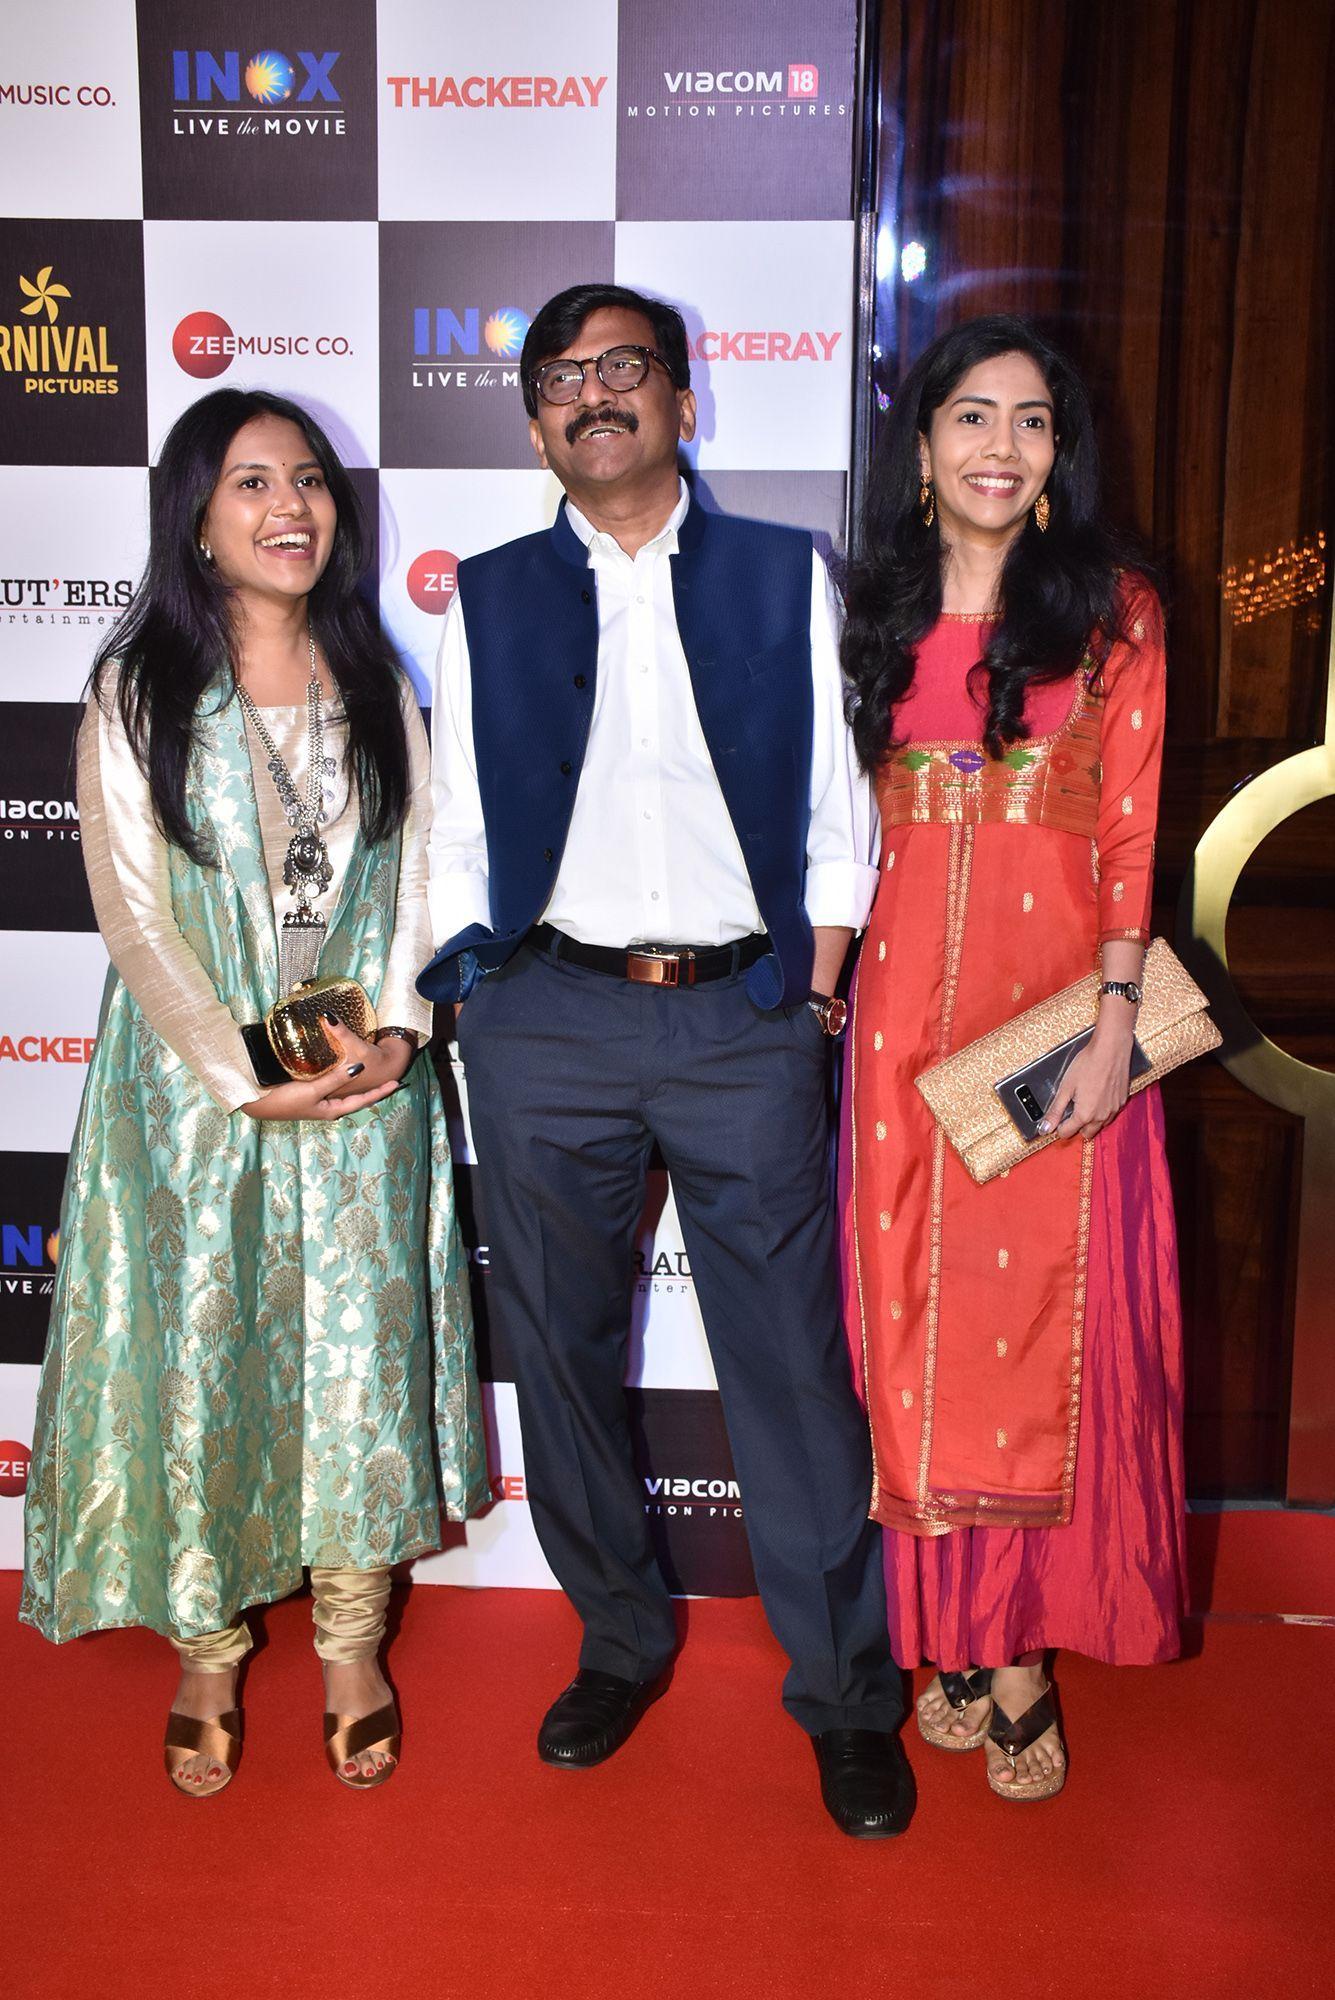 Purvashi Raut and Vidhita Raut